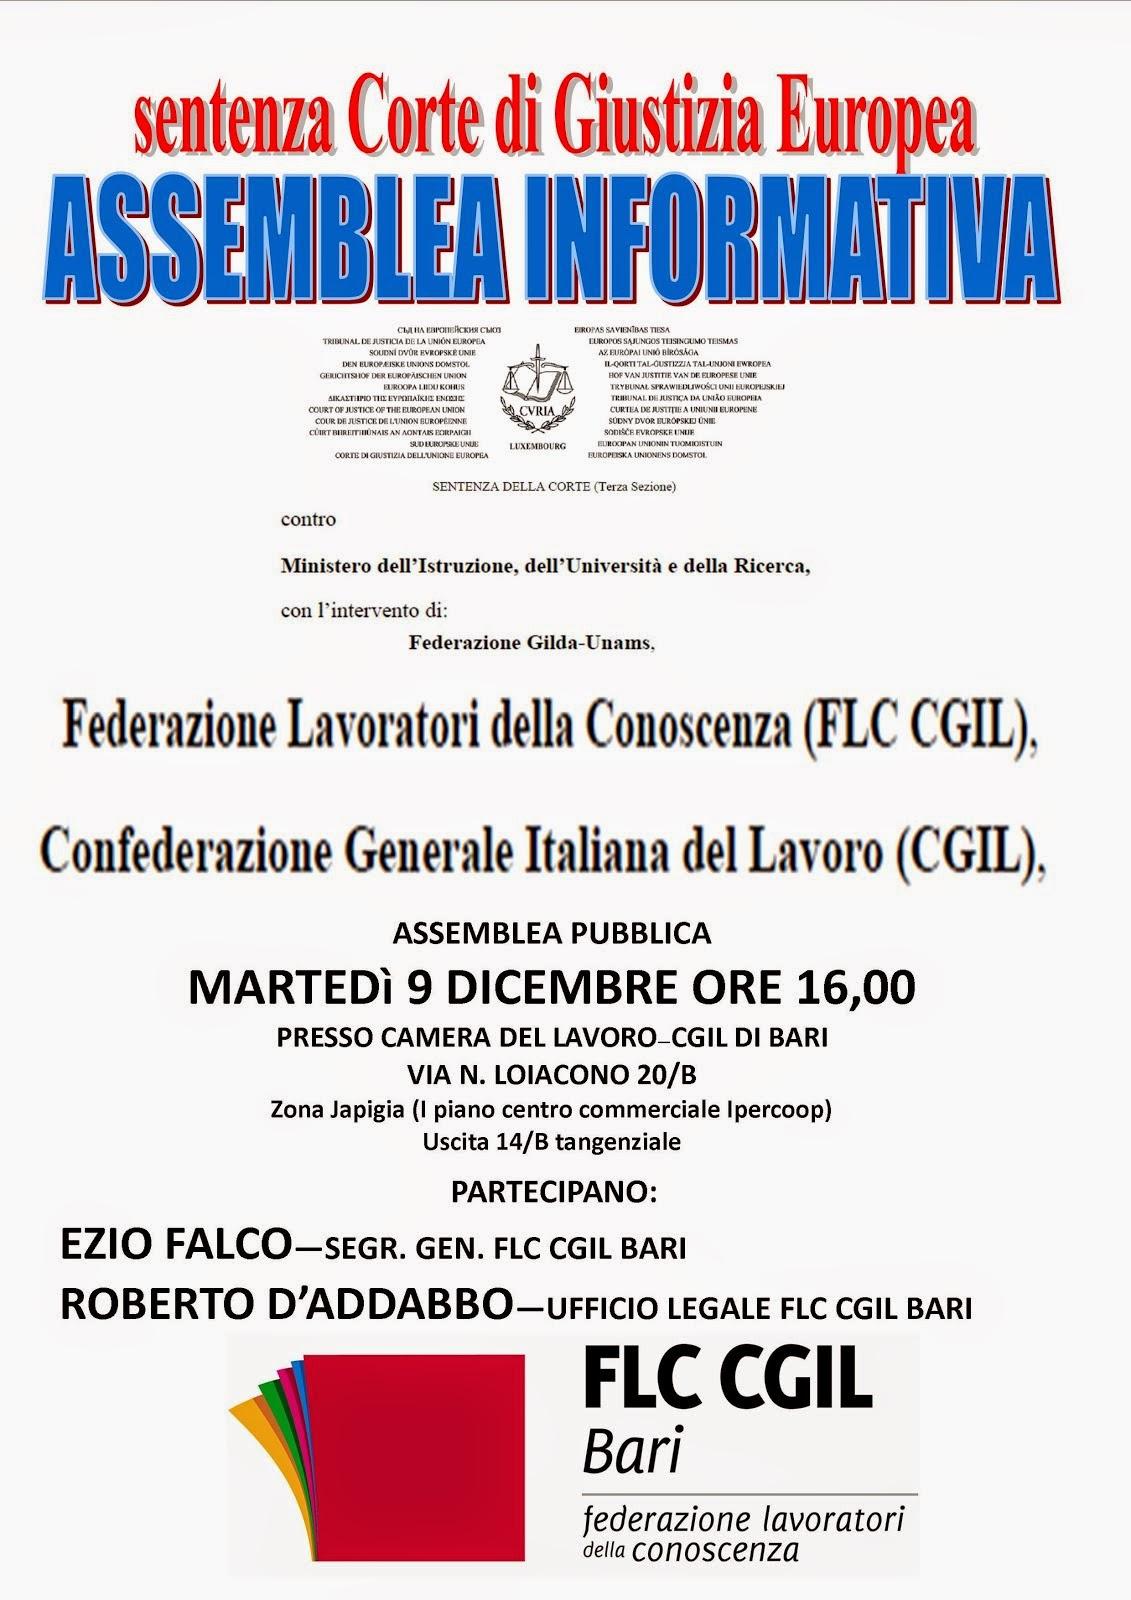 Sentenza corte di giustizia europea: assemblea il 9 dicembre a Bari